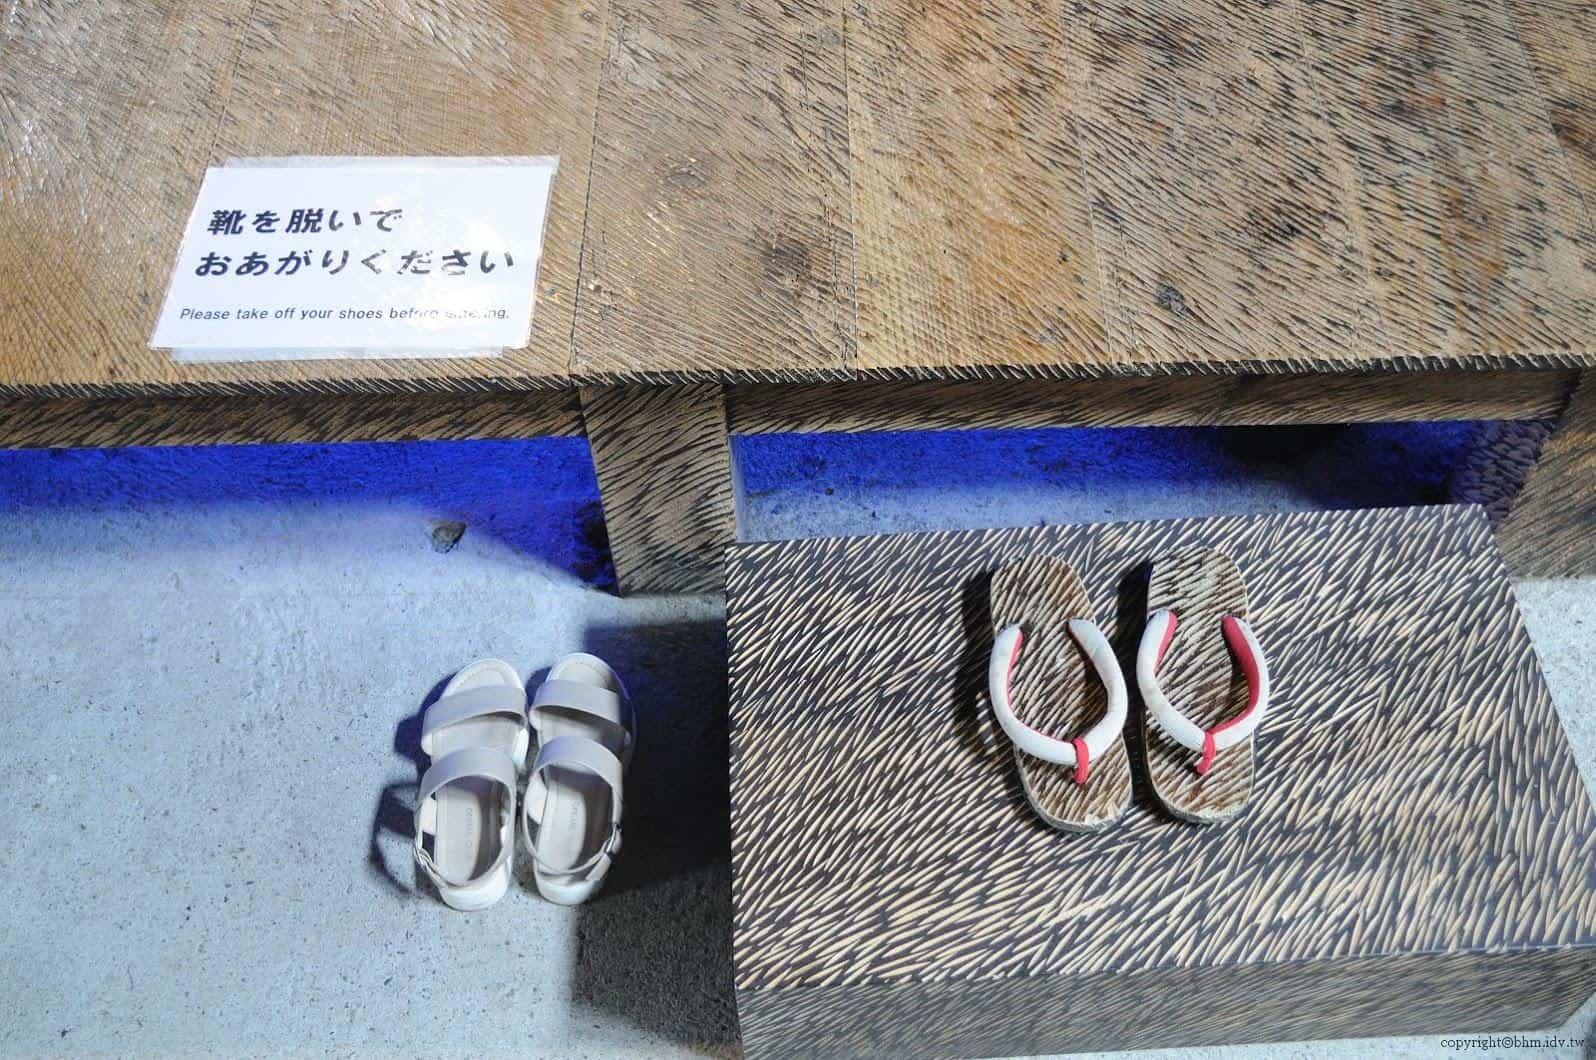 鞍掛純一+日本藝術大學雕刻組志工,脫皮之家,細節也不馬虎,提供更換的是內木鞋,也同樣經過「脫皮」 脫皮之家 脫皮之家 sheding house 06